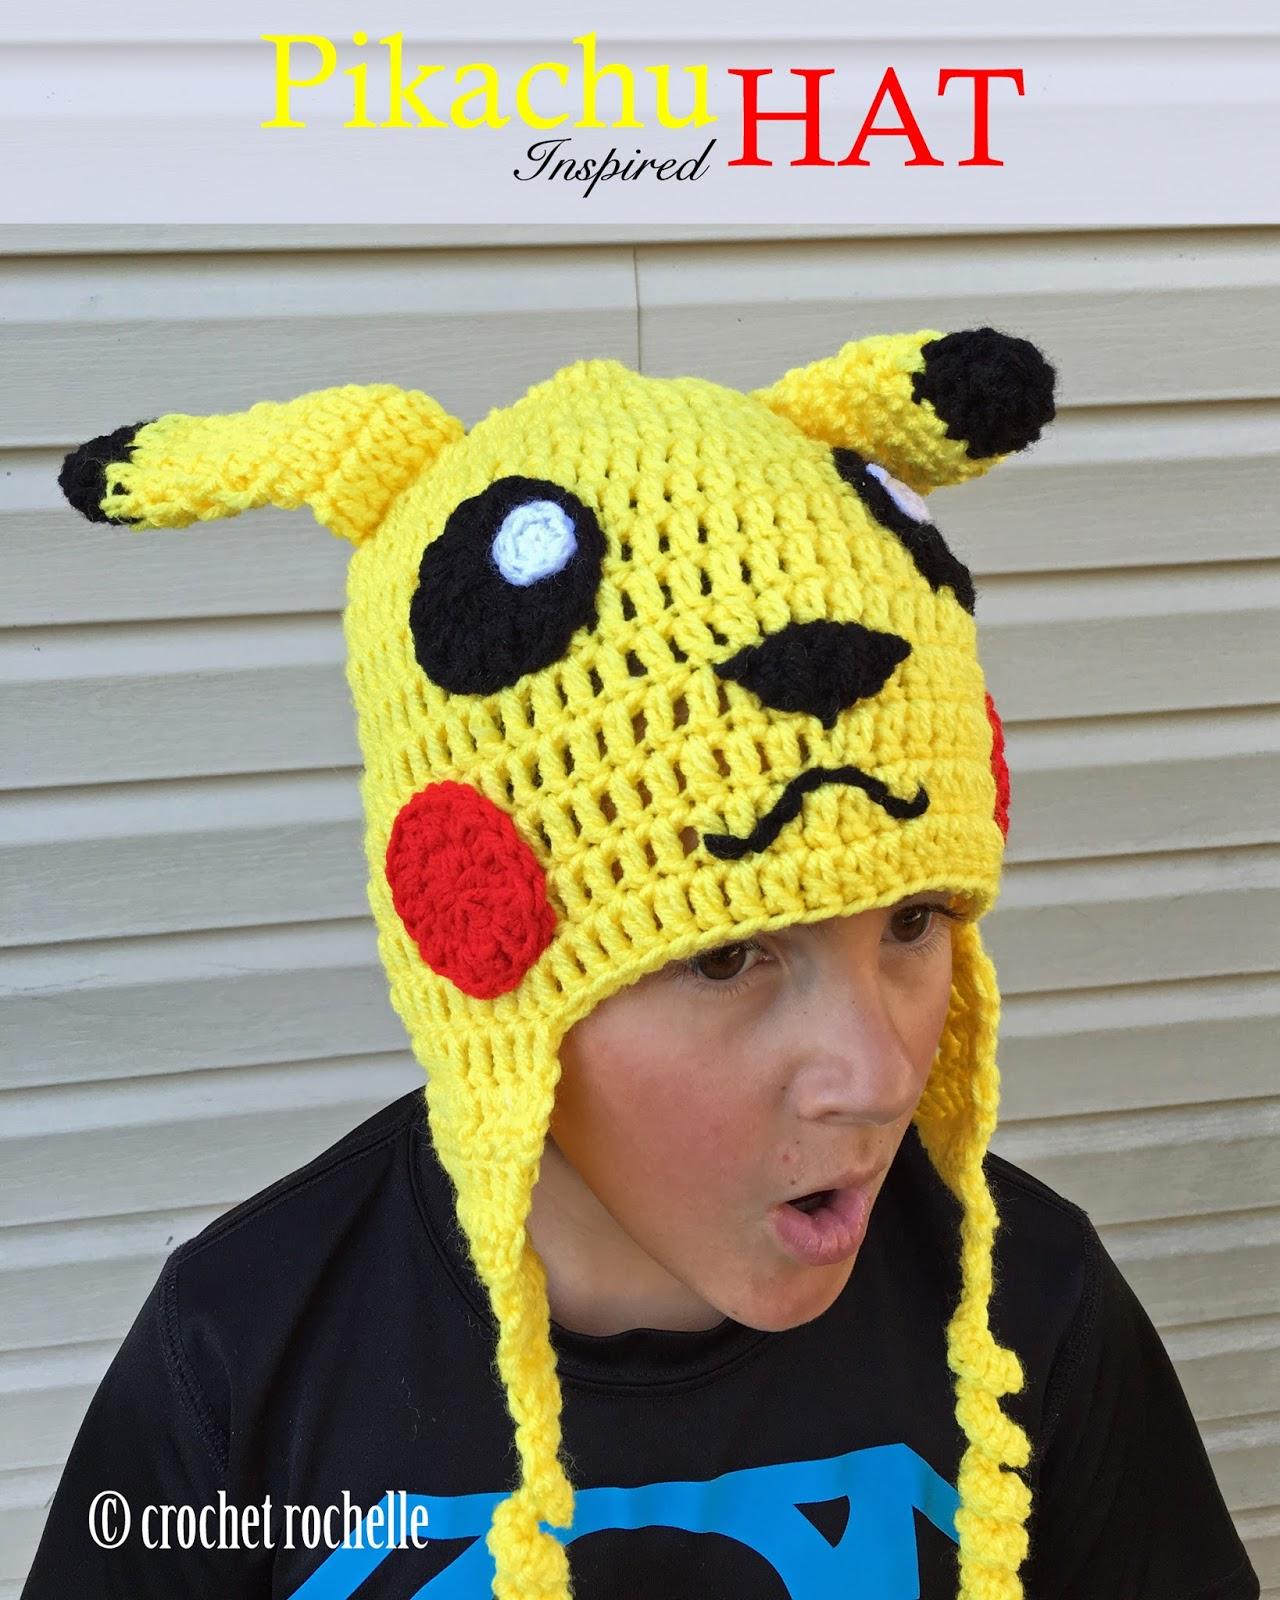 444a1f8cc Crochet Rochelle: Pikachu Inspired Hat Pattern